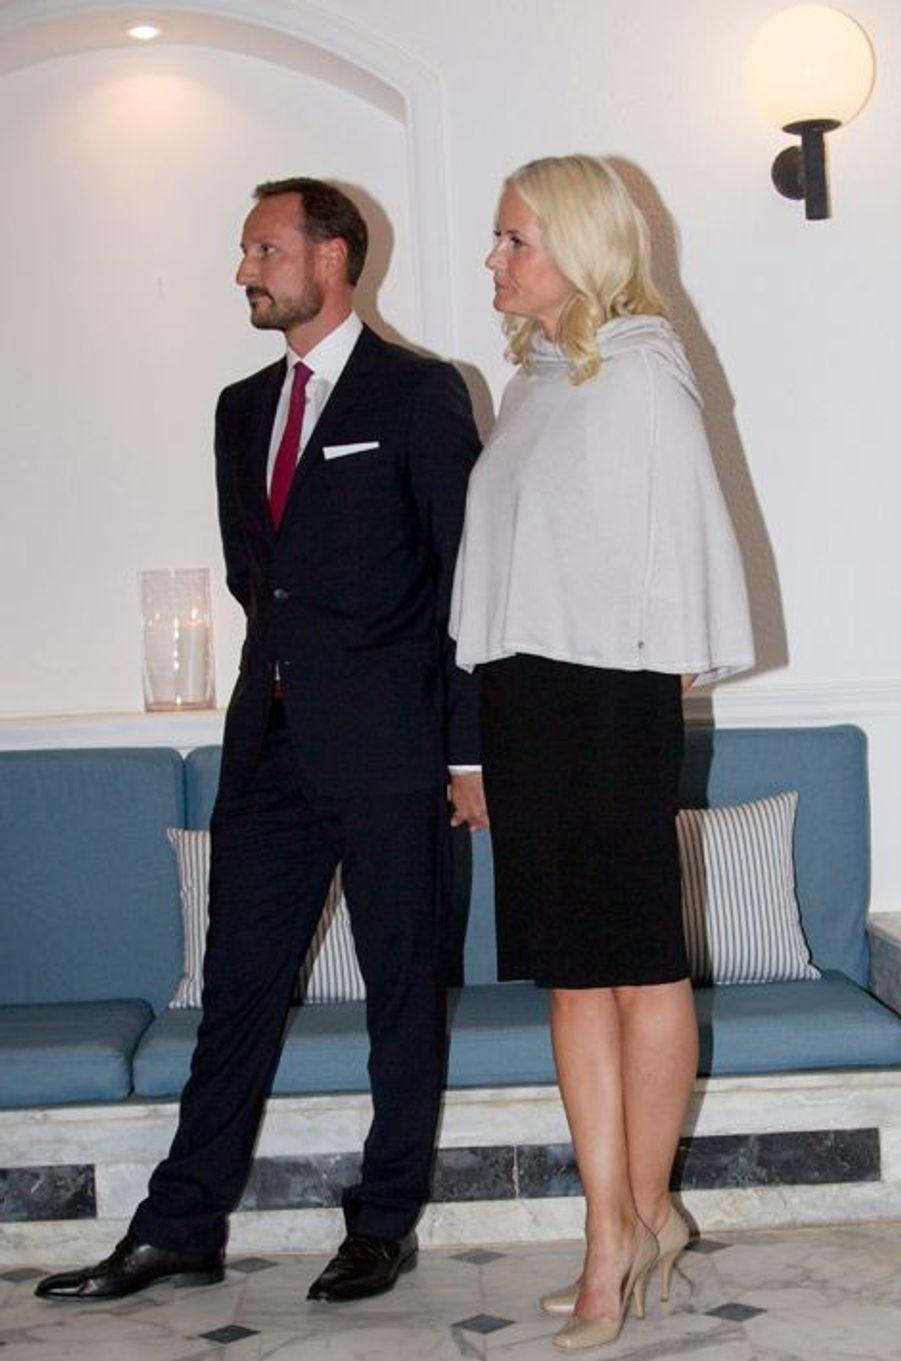 Mette-Marit et Haakon de Norvège invités à dîner à l'ambassade de Norvège à Amman, le 21 octobre 2014